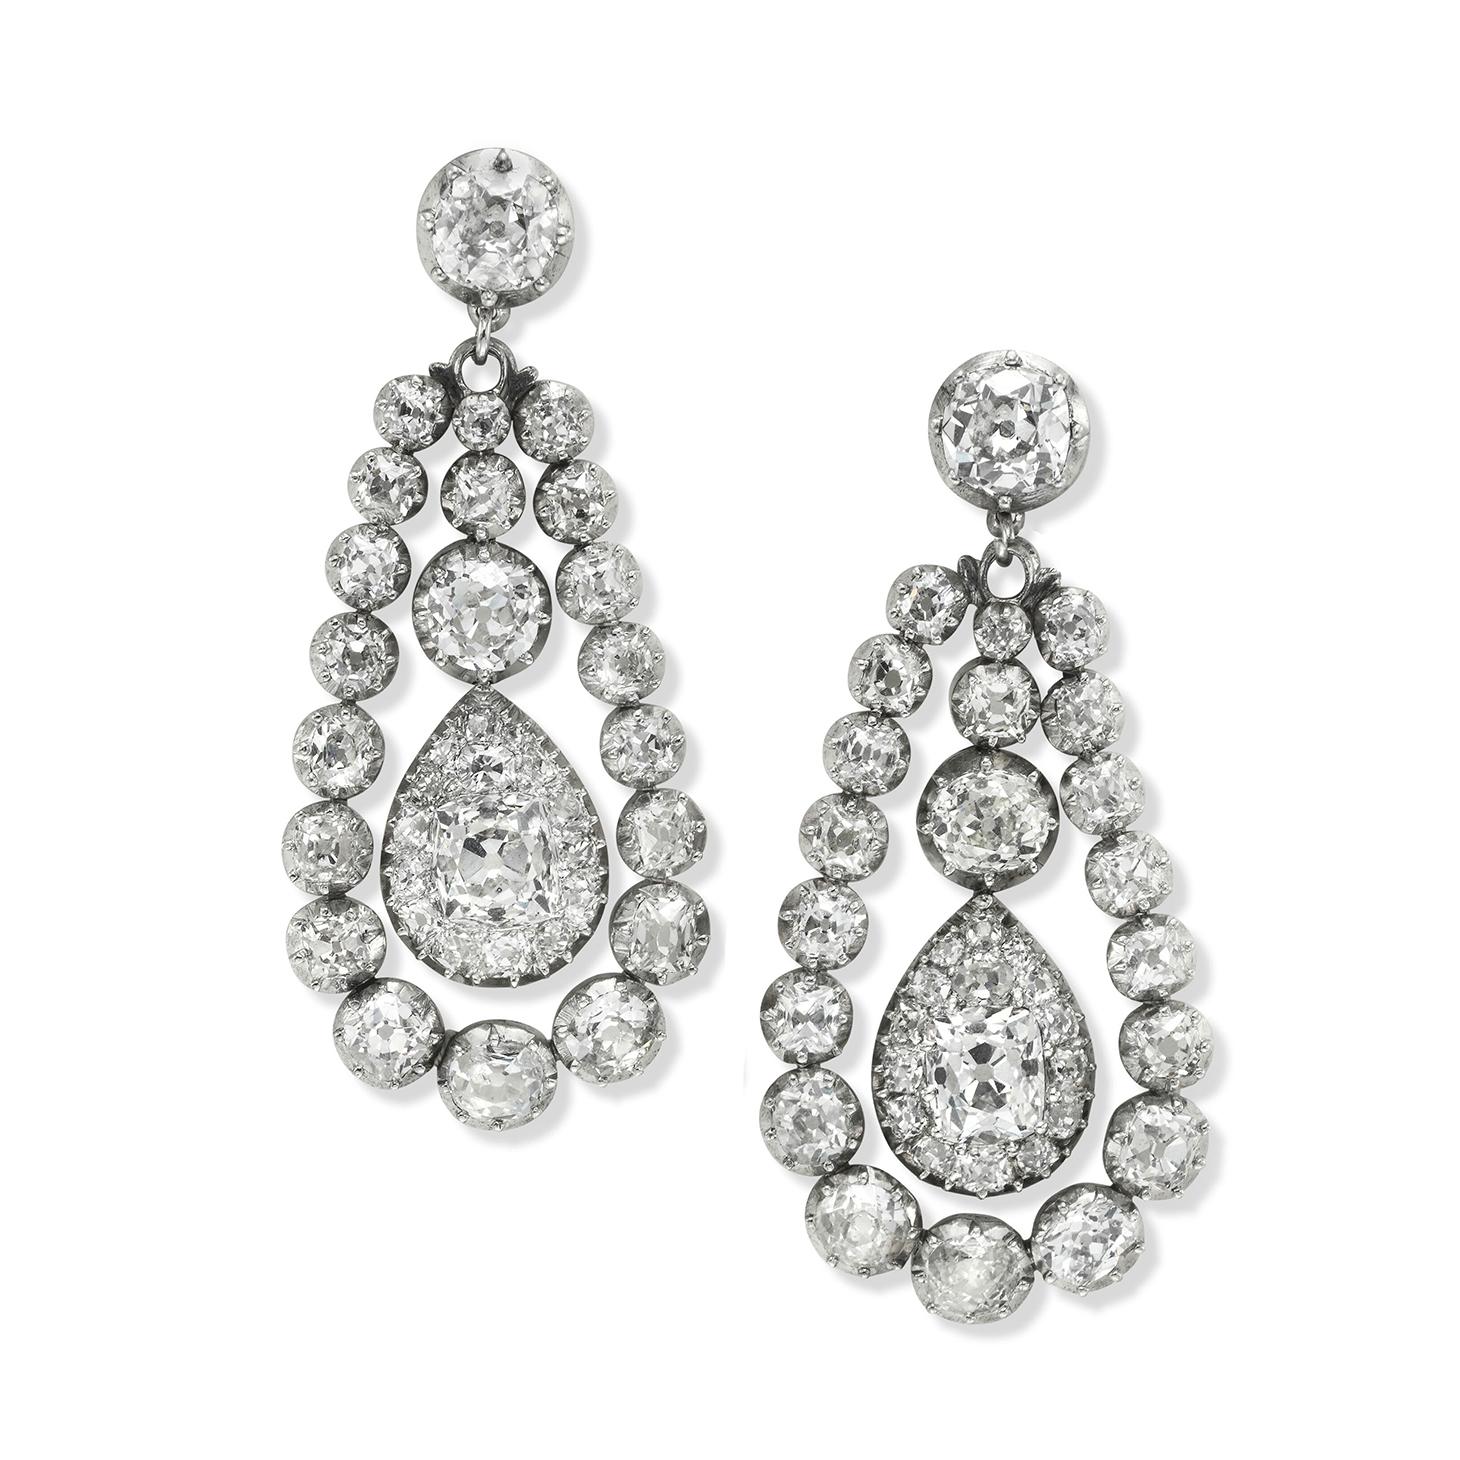 A Pair of Antique Diamond Ear Pendants, circa 1890